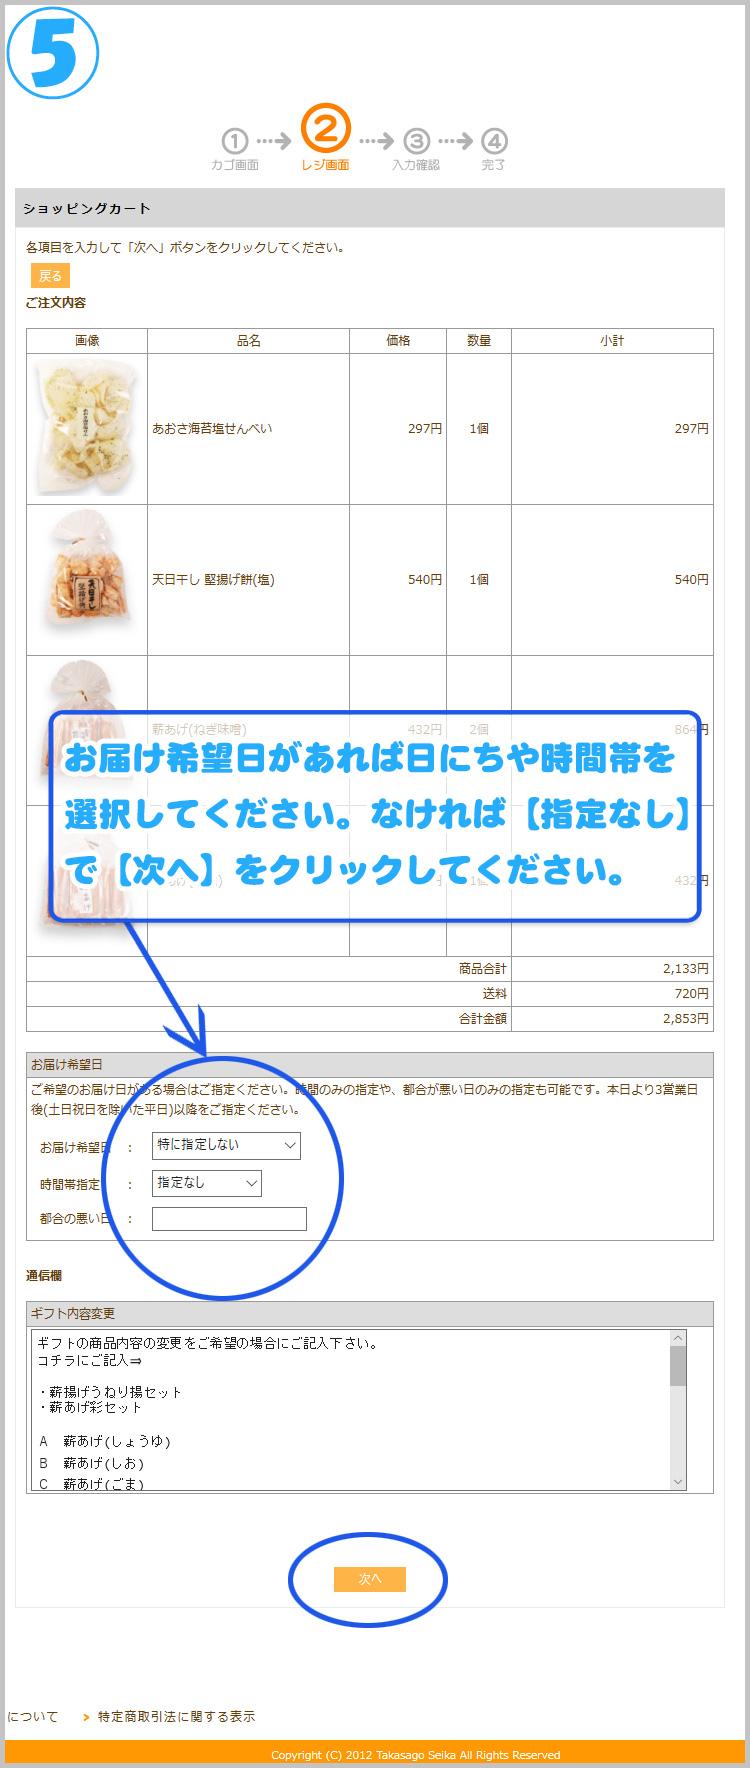 久喜,高砂製菓,ネットショップ利用方法,お届け希望日